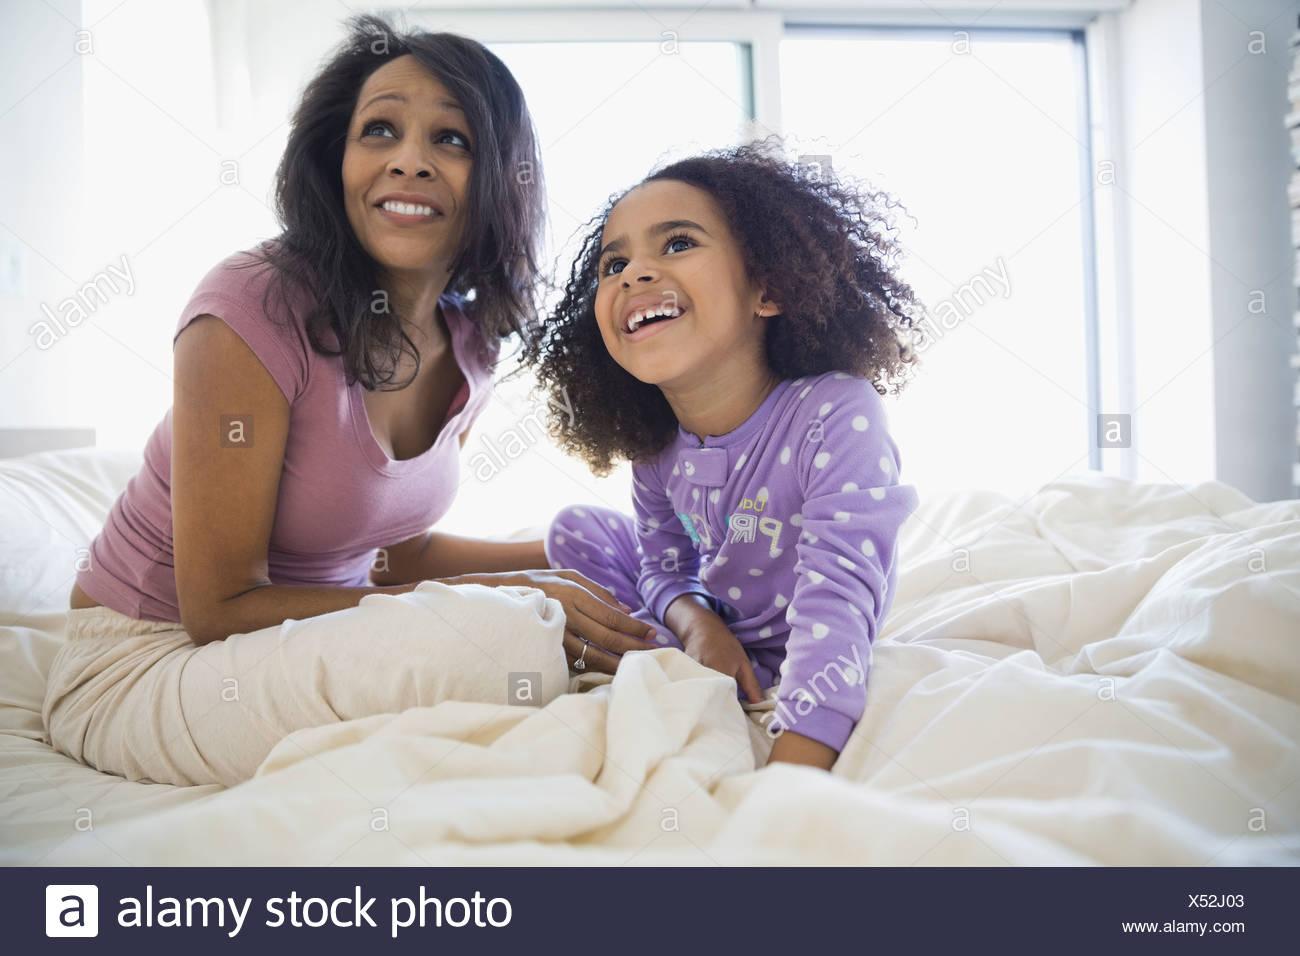 Madre e hija sonriente sentada en la cama Imagen De Stock